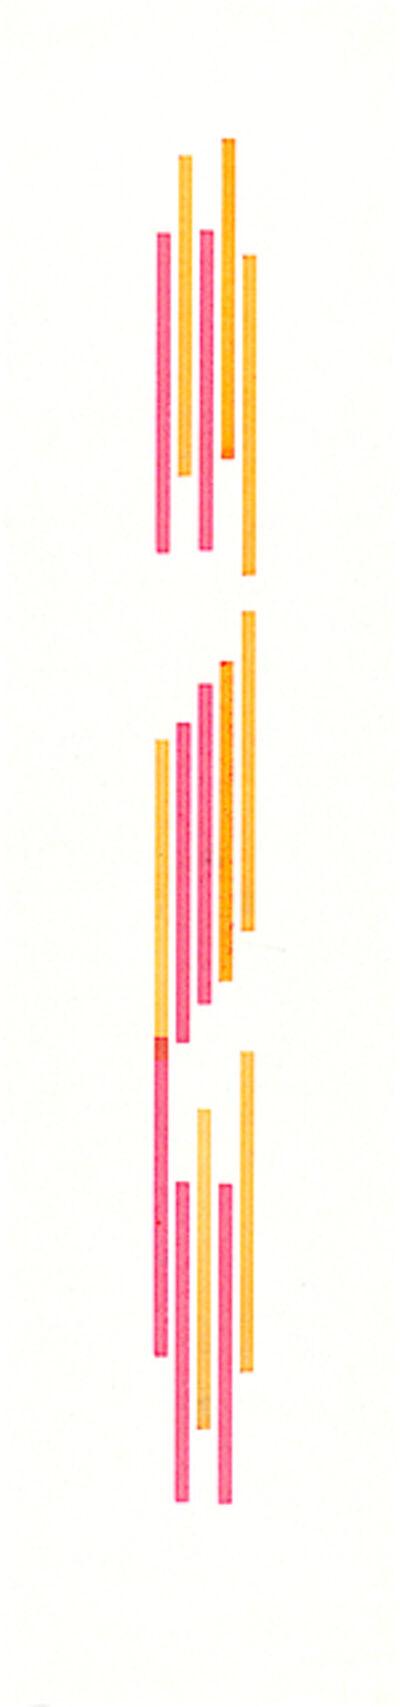 Vera Molnar, 'Gothique', 1990